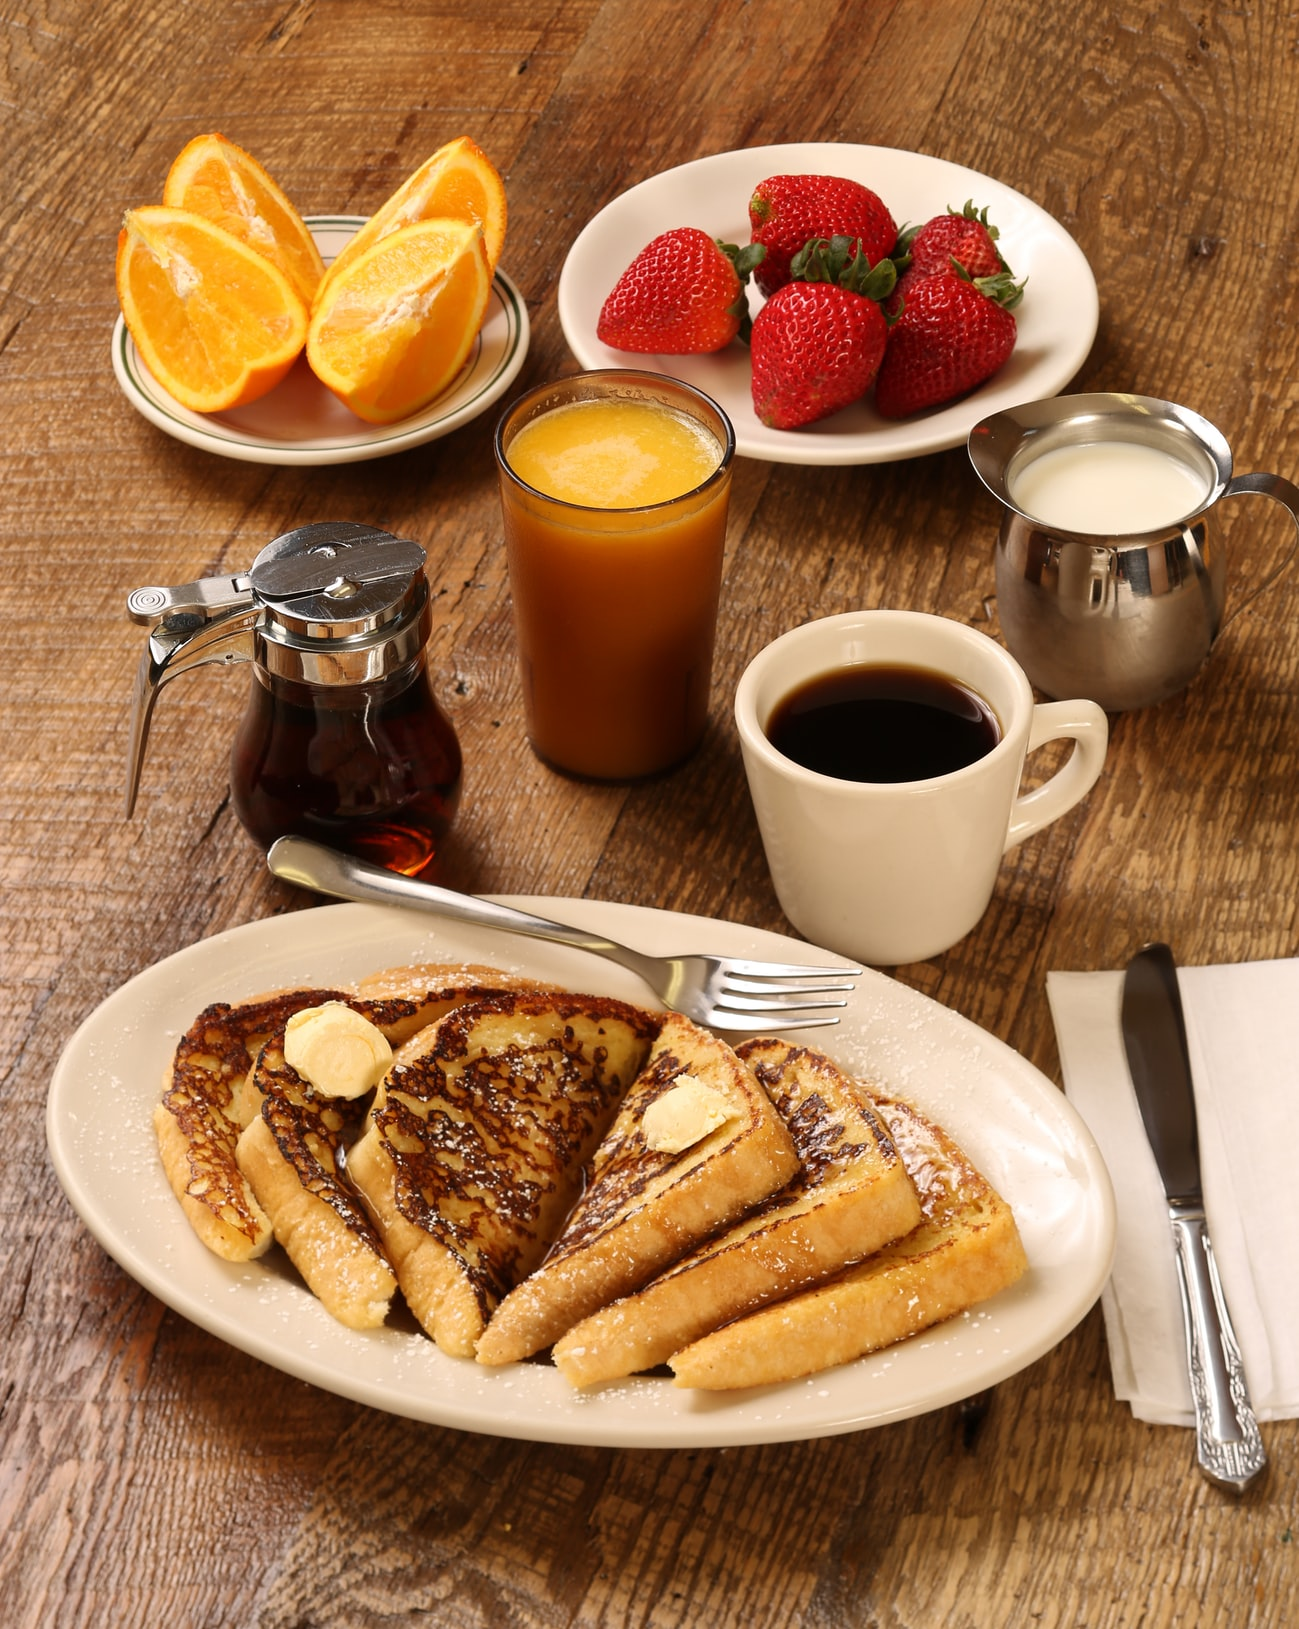 ダイゴ「朝飯は抜いた方が痩せる。痩せたいなら晩飯を多くした方がいい」